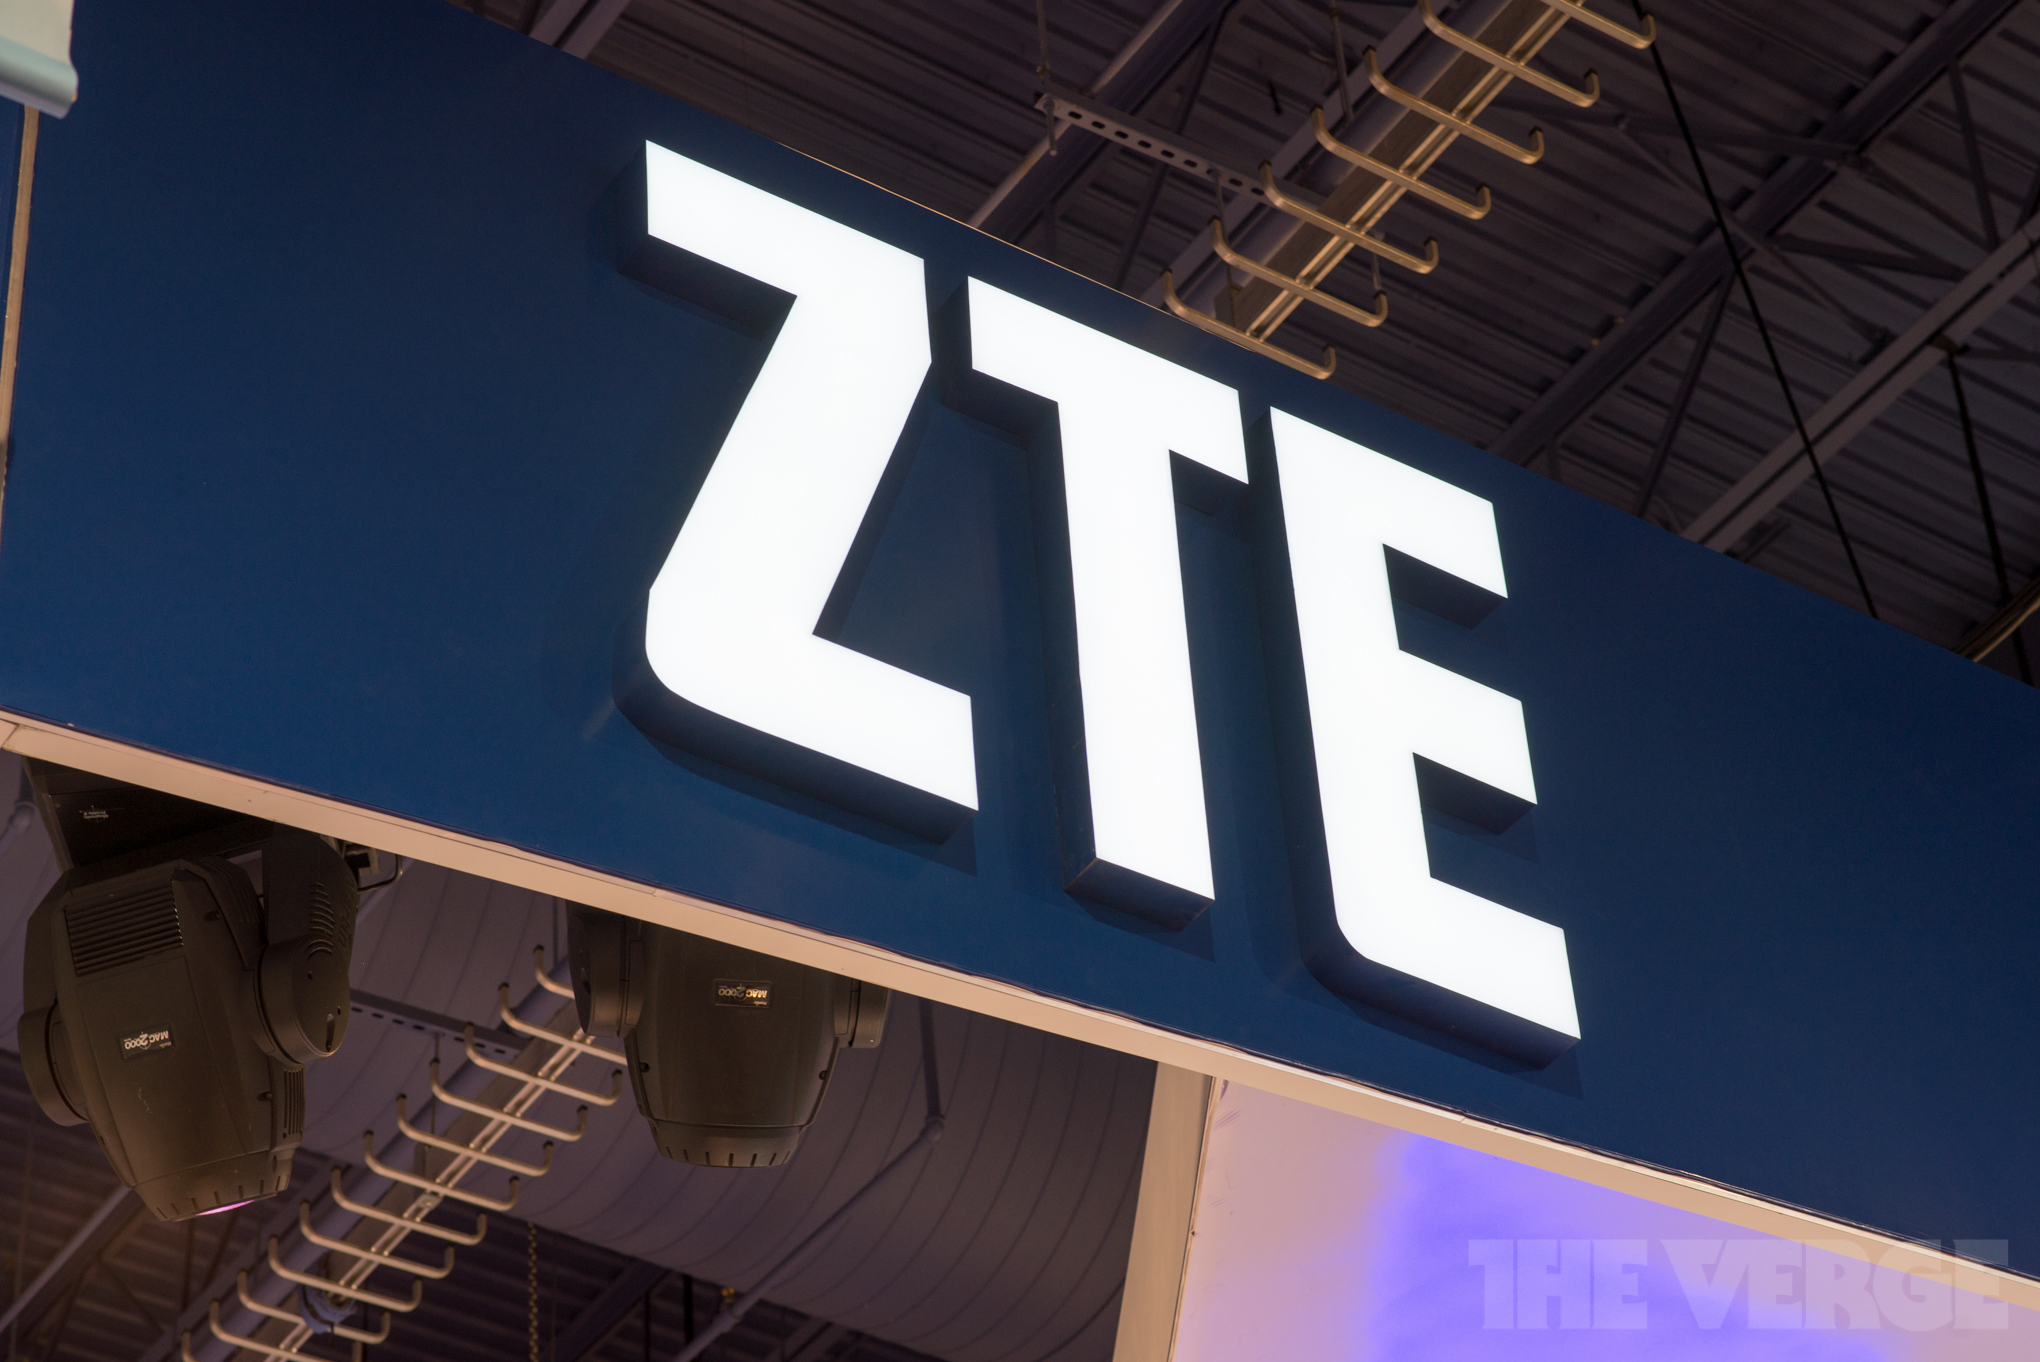 ZTE (STOCK)